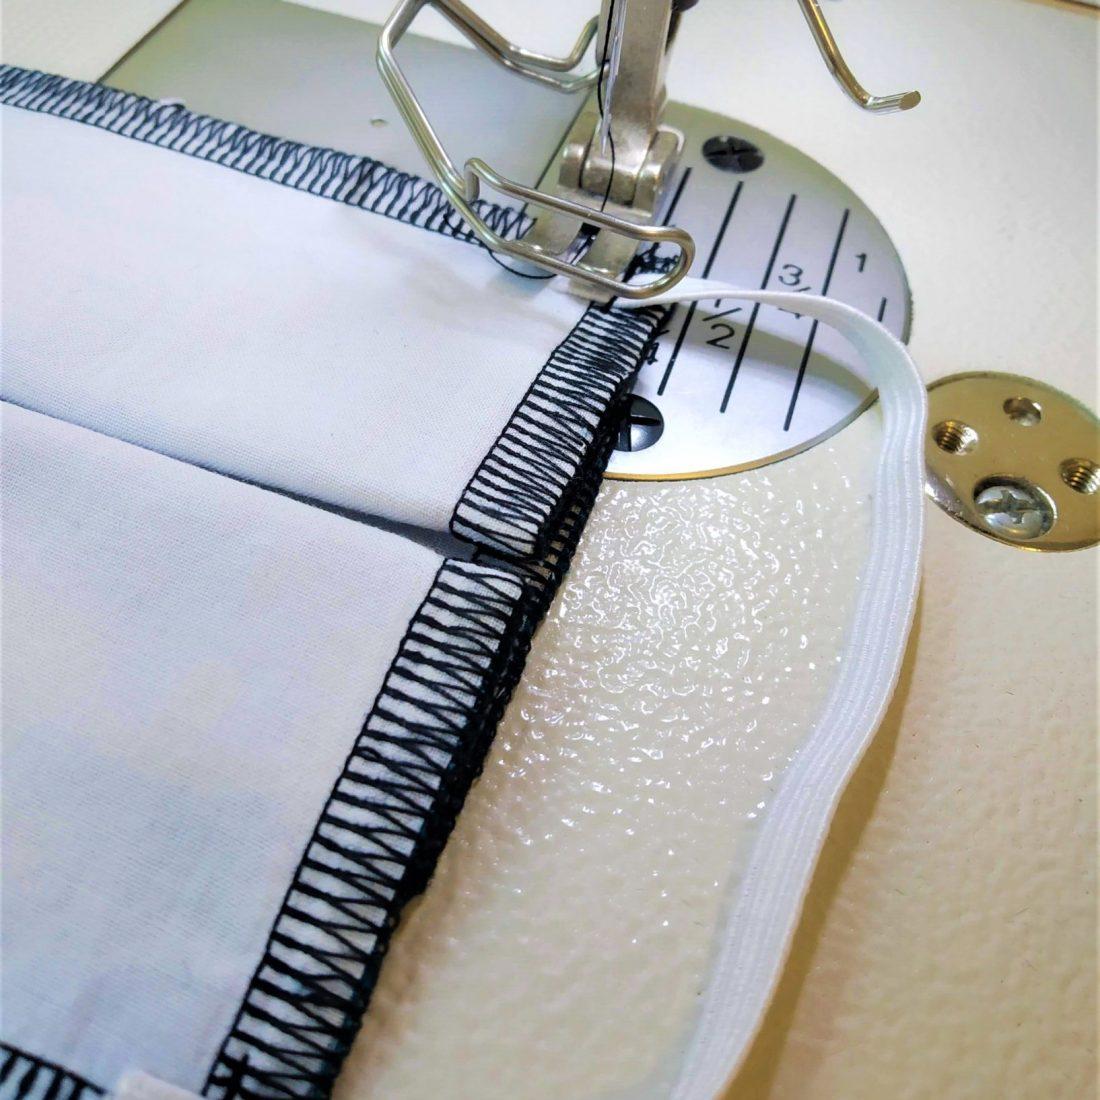 Réalisez une piqûre à 1 cm du bord. N'hésitez pas à faire une piqûre de maintien au niveau de la pliure pour la consolider.